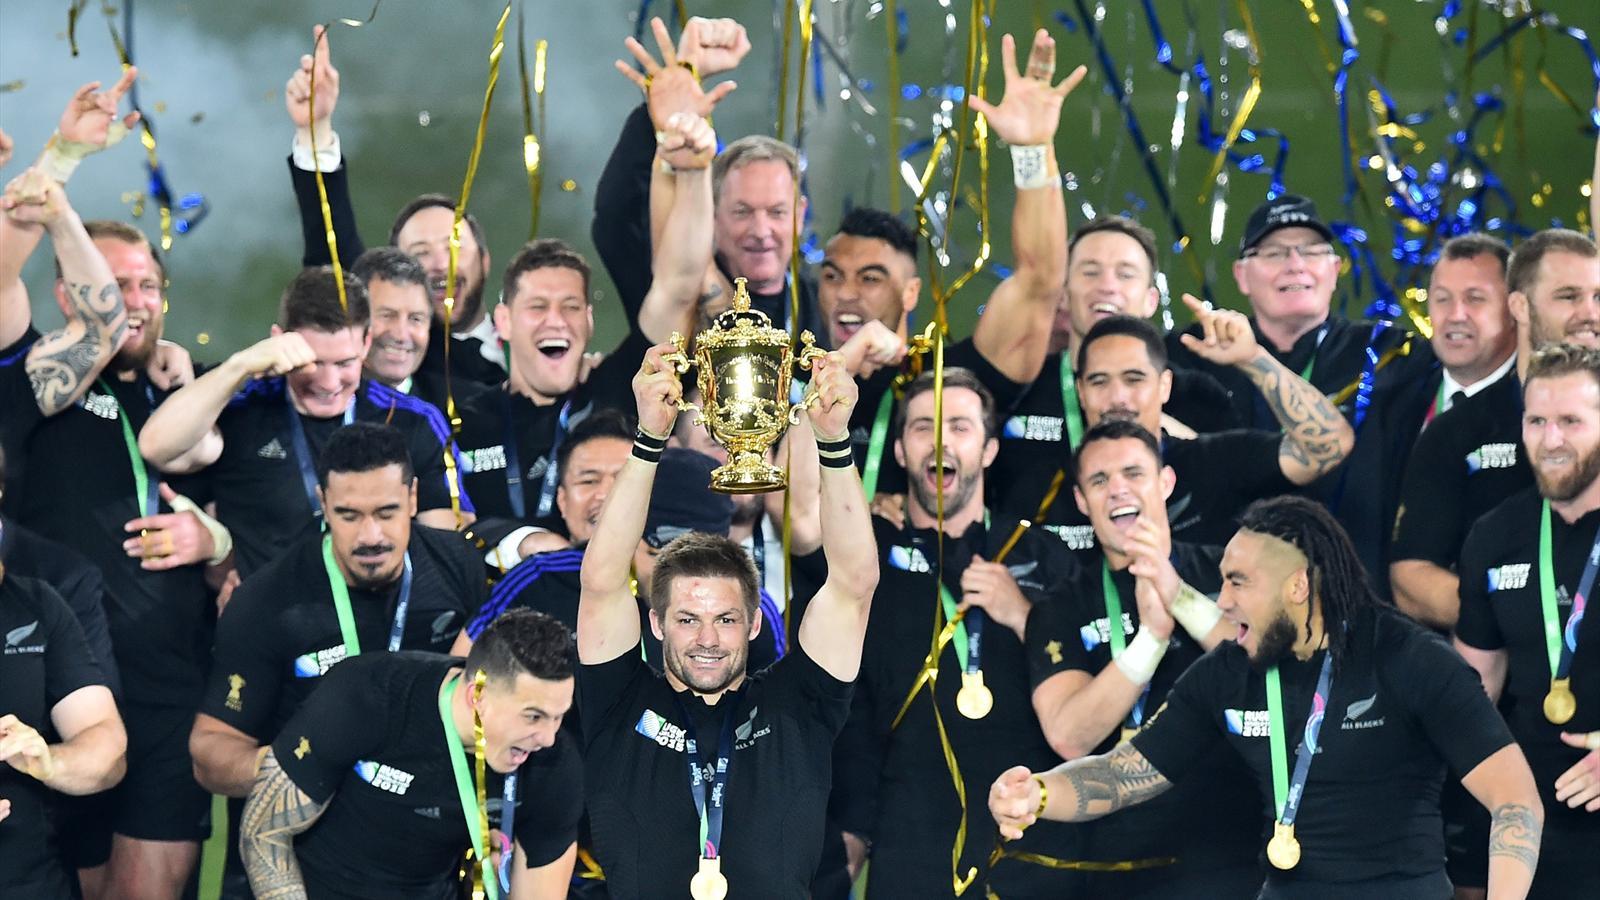 Finale coupe du monde 2015 nouvelle z lande australie 34 17 ces all blacks sont g ants - Classement coupe monde rugby 2015 ...